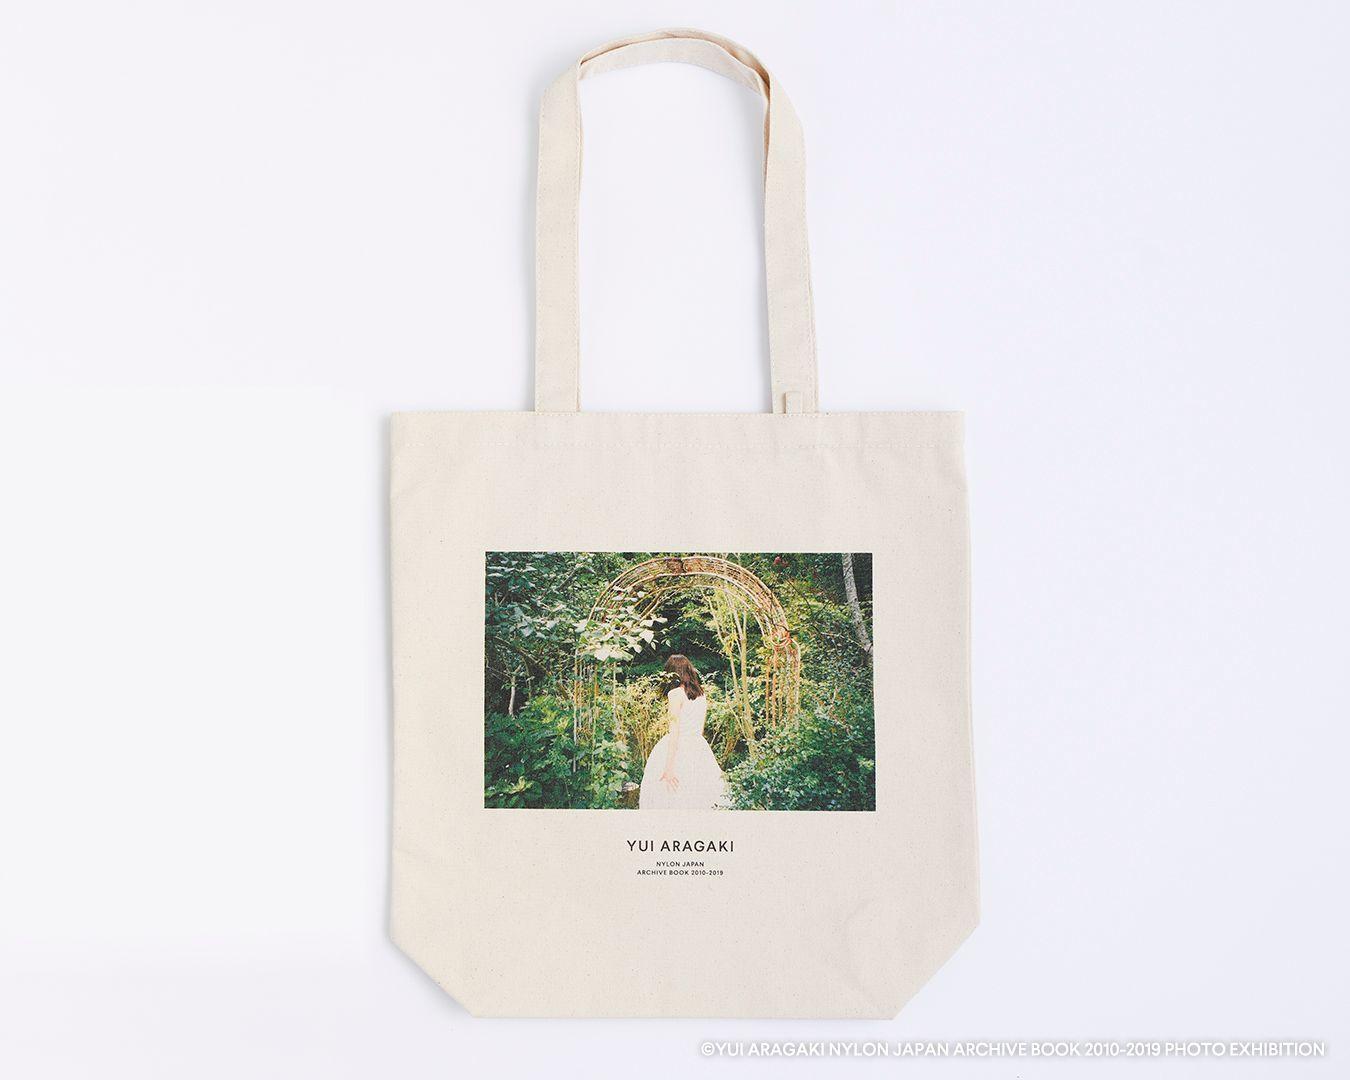 トートバッグ (C)YUI ARAGAKI NYLON JAPAN ARCHIVE BOOK 2010-2019 PHOTO EXHIBITION